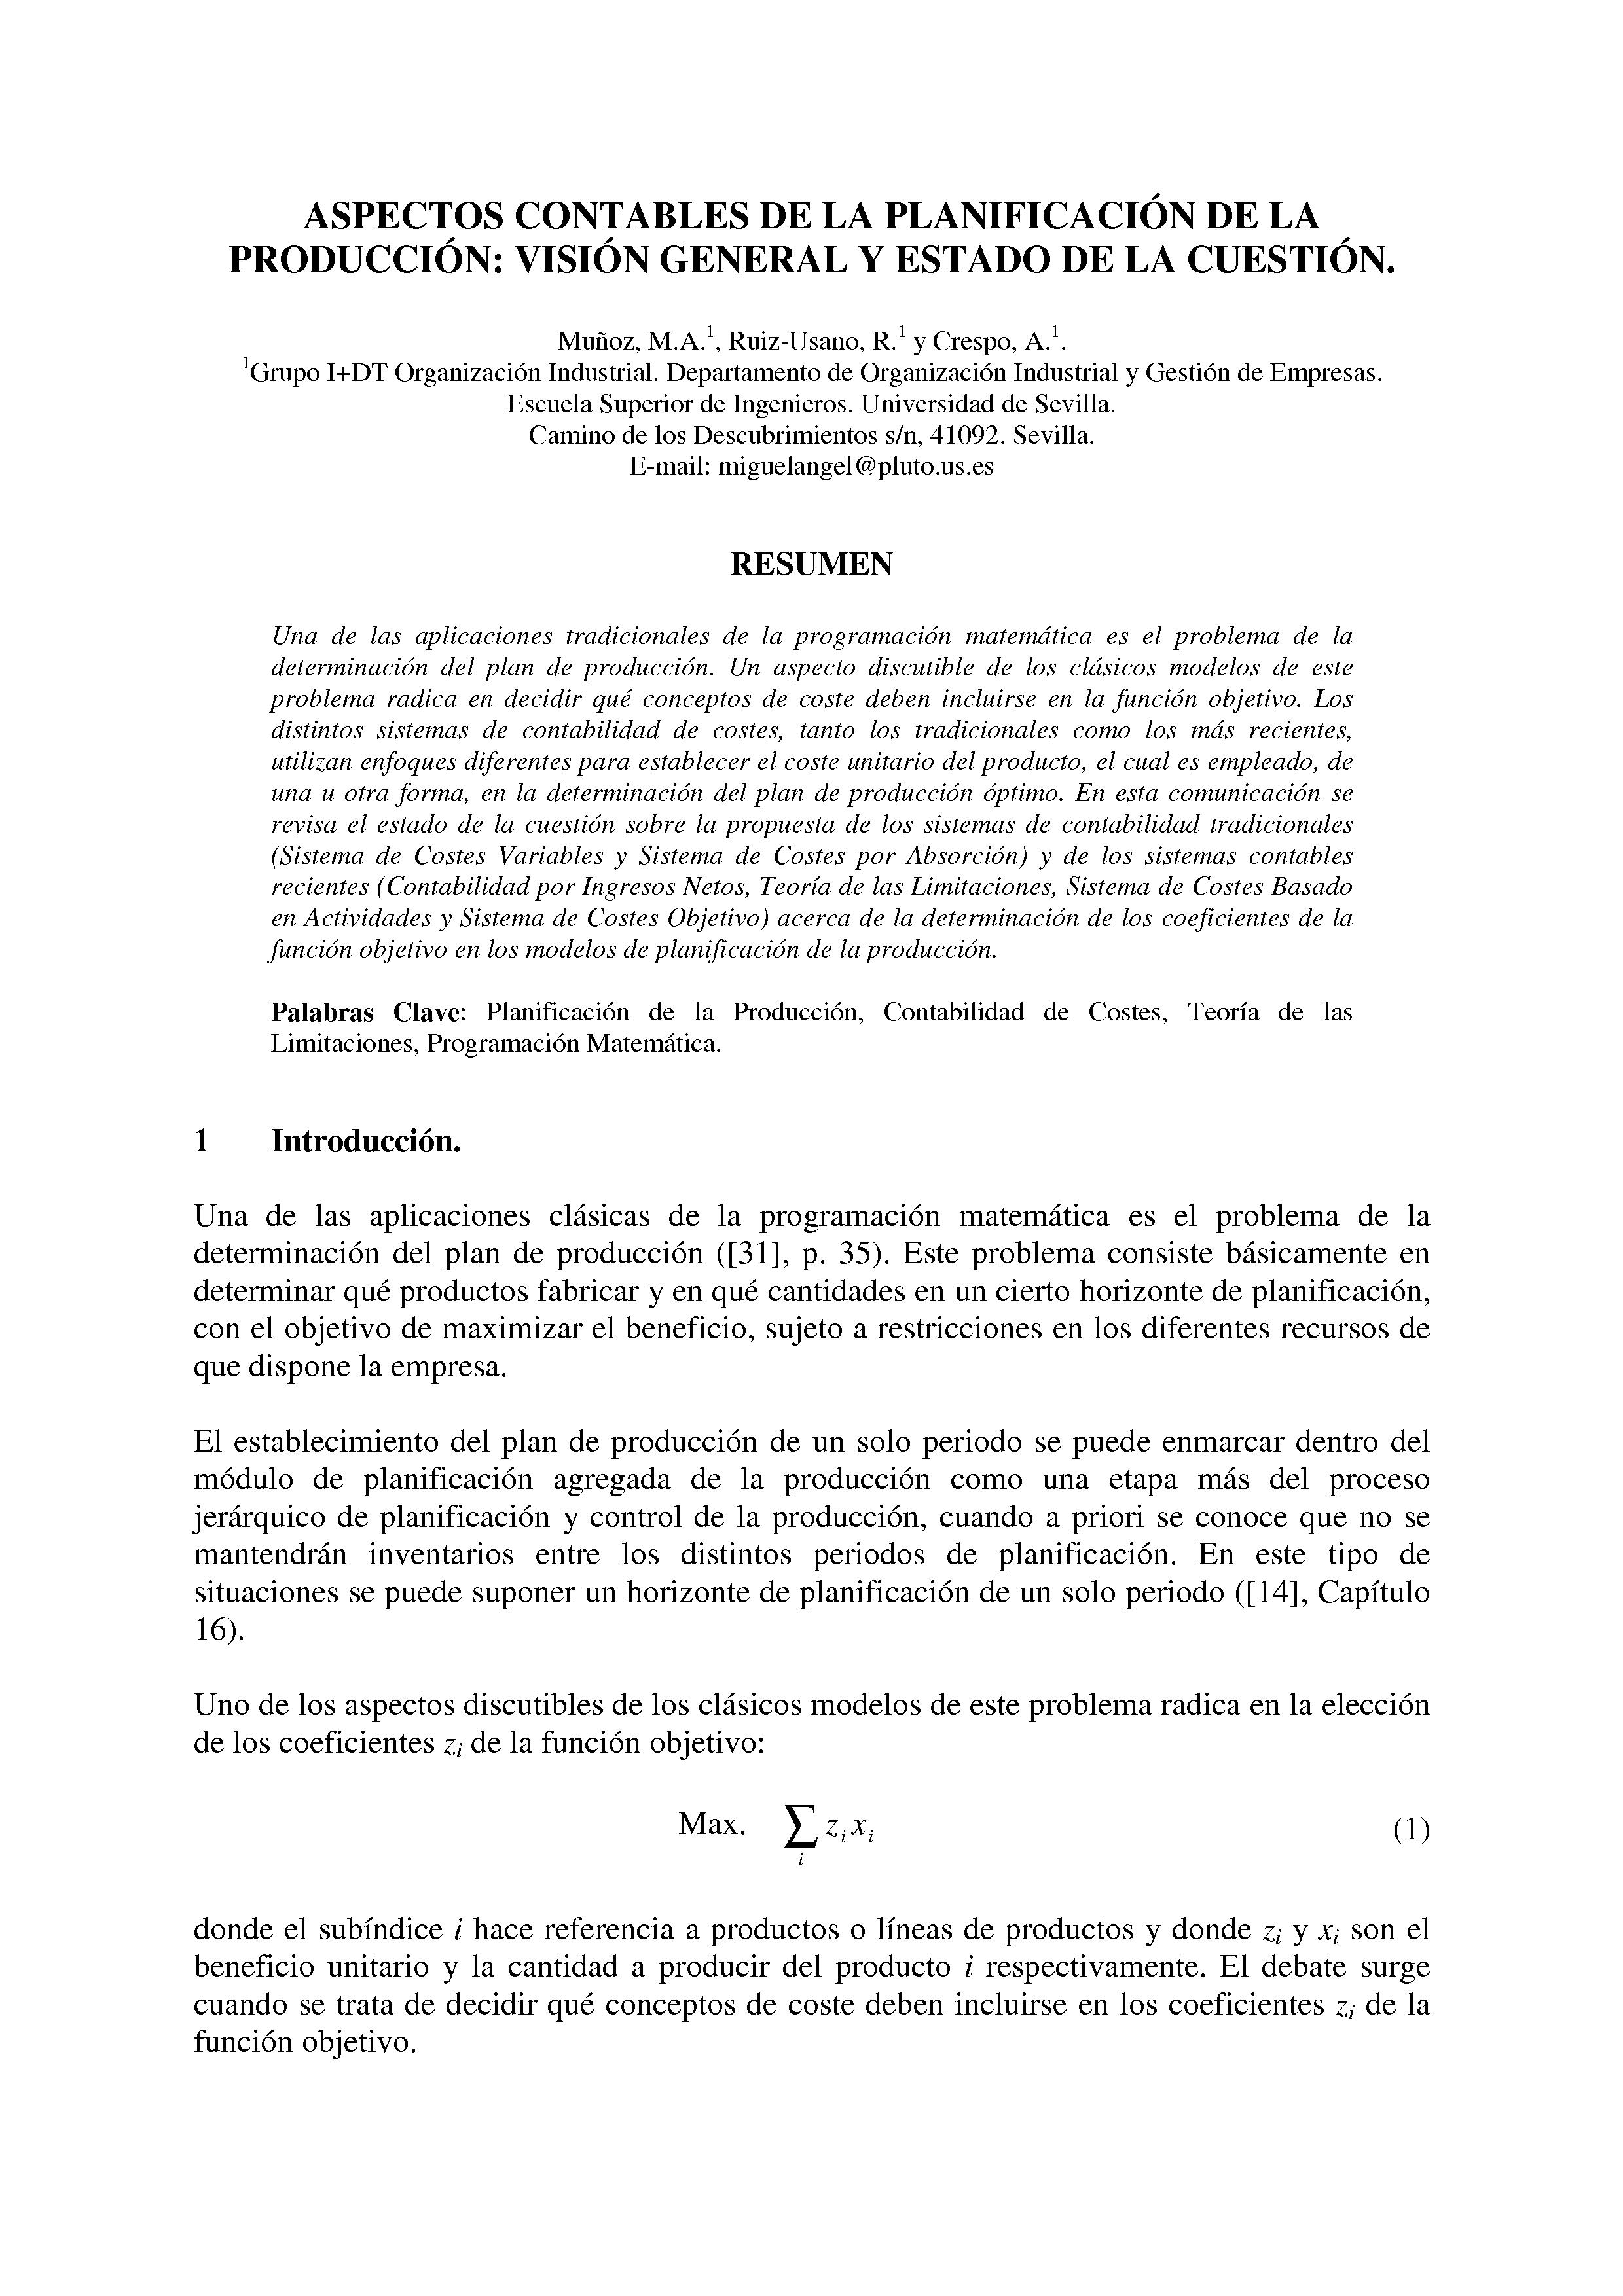 ASPECTOS CONTABLES DE LA PLANIFICACIÓN DE LA PRODUCCION: VISION GENERAL Y ESTADO DE LA CUESTION.